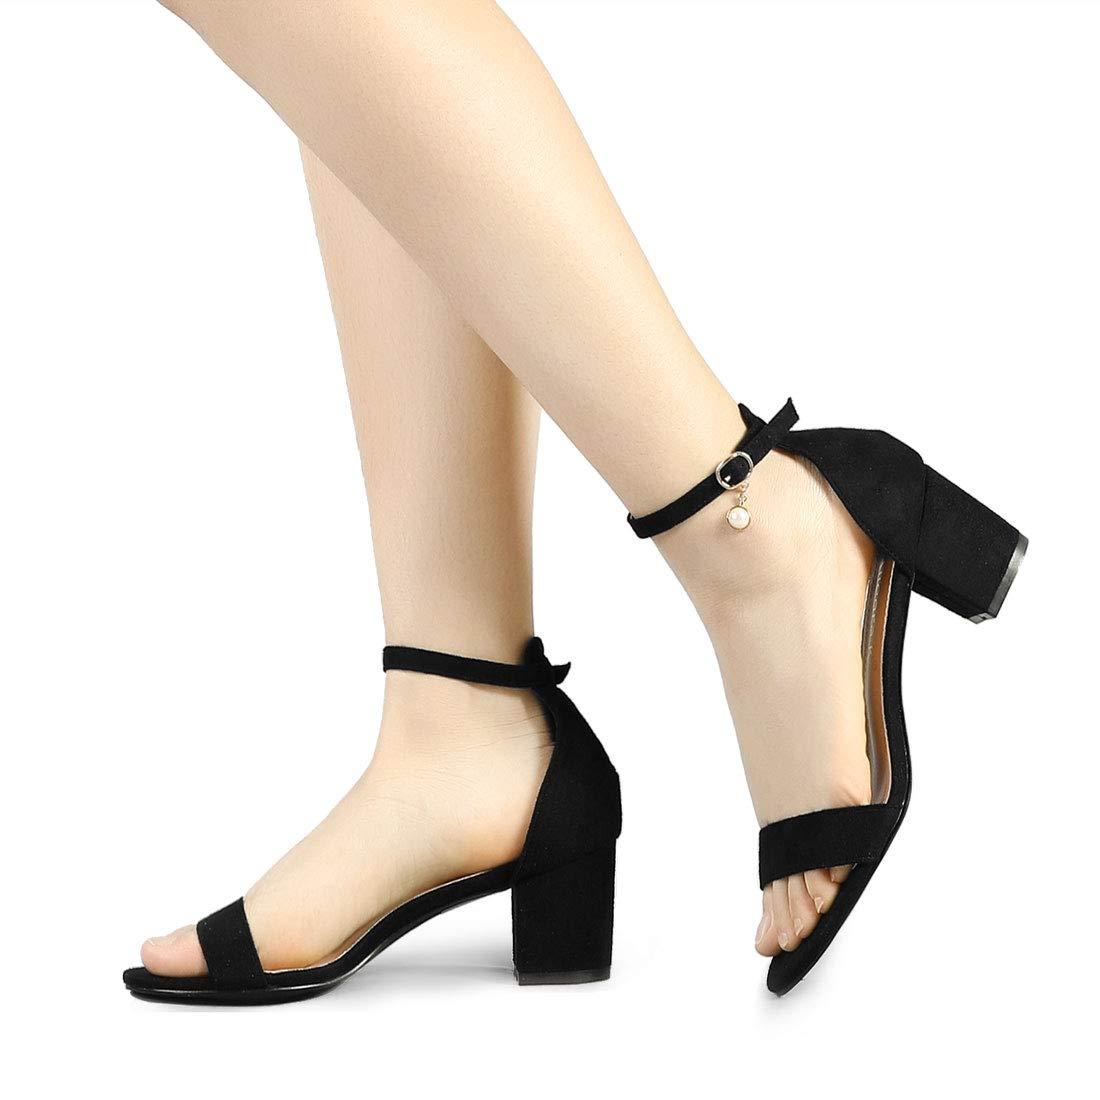 f8cc40aae Allegra K Women s Pearl Open Toe Ankle Strap Block Heel Black Sandals - 8.5  M US